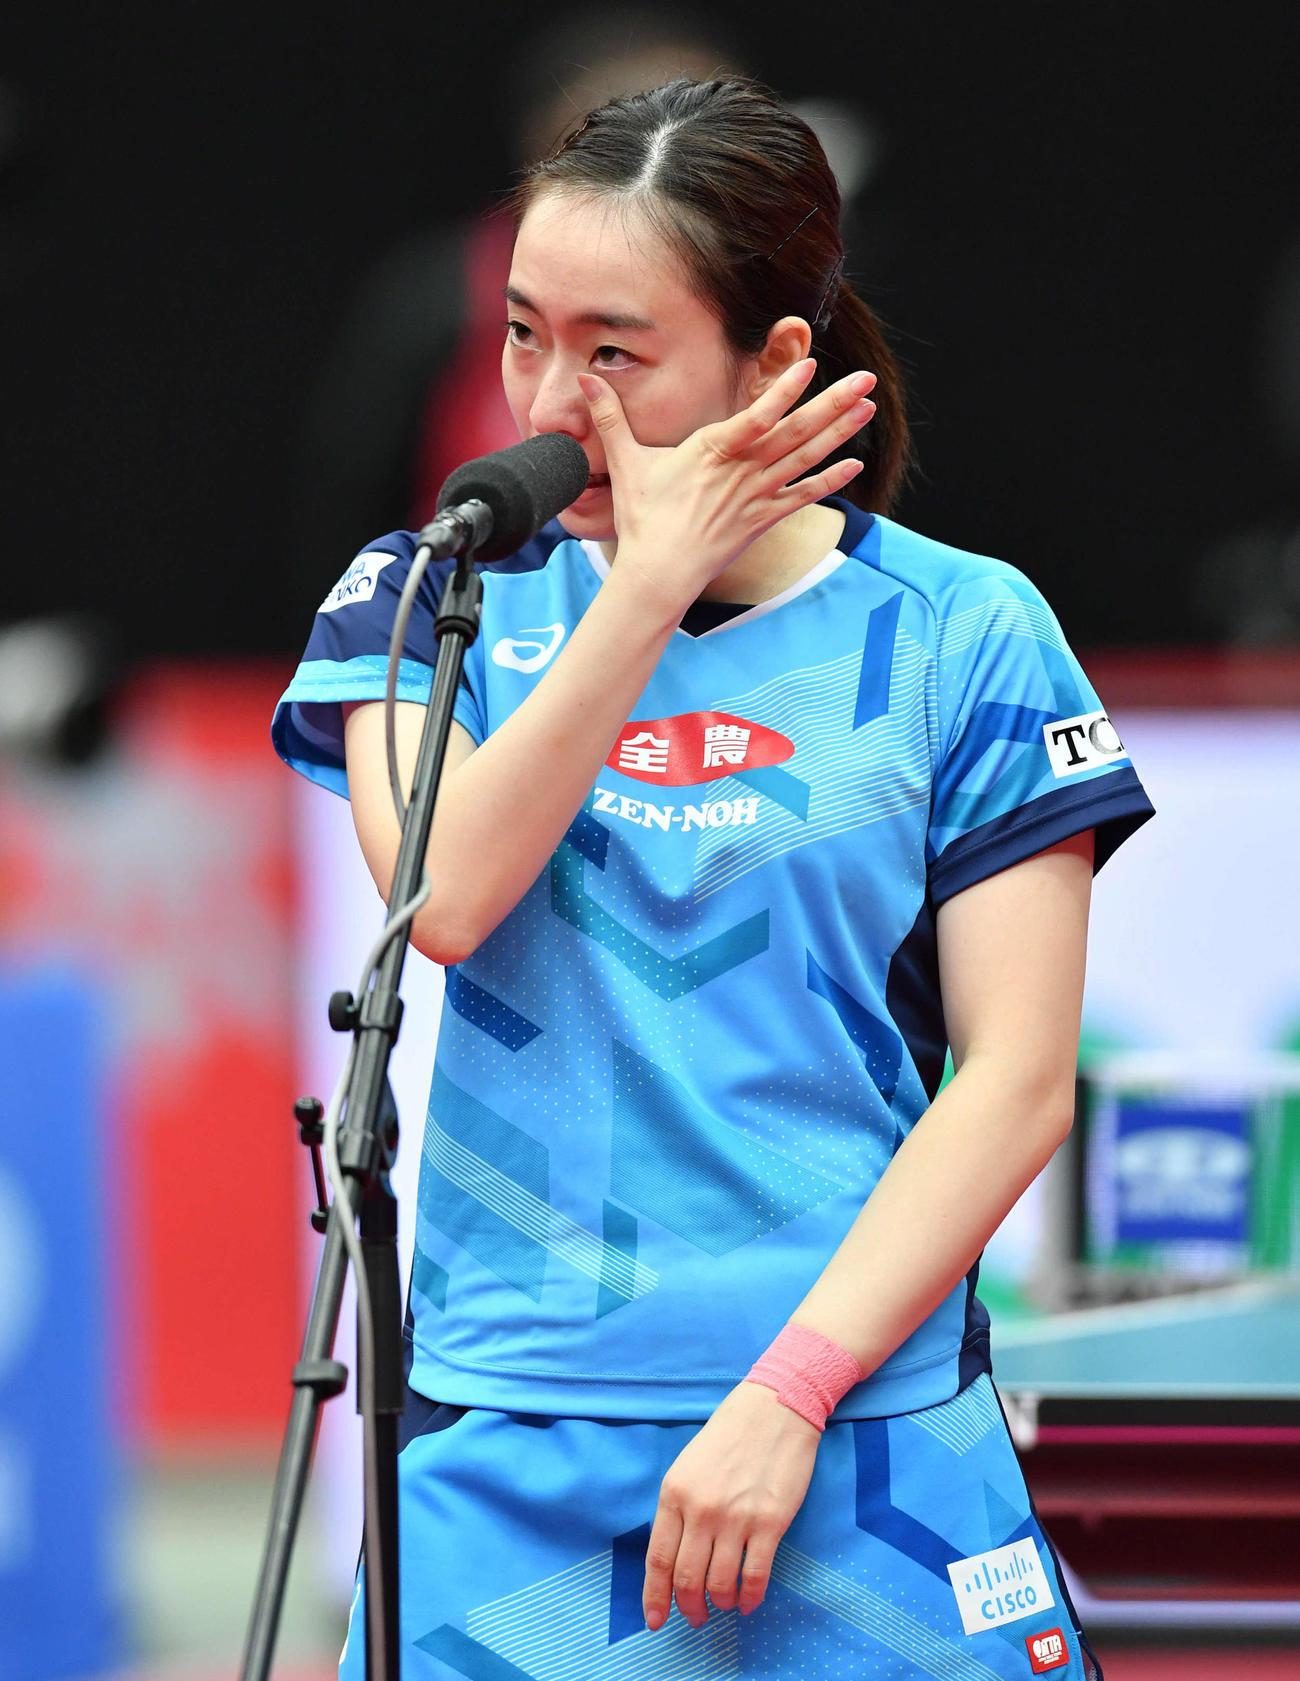 女子シングルスで優勝し、涙をぬぐいながら優勝スピーチをする石川(撮影・岩下翔太)